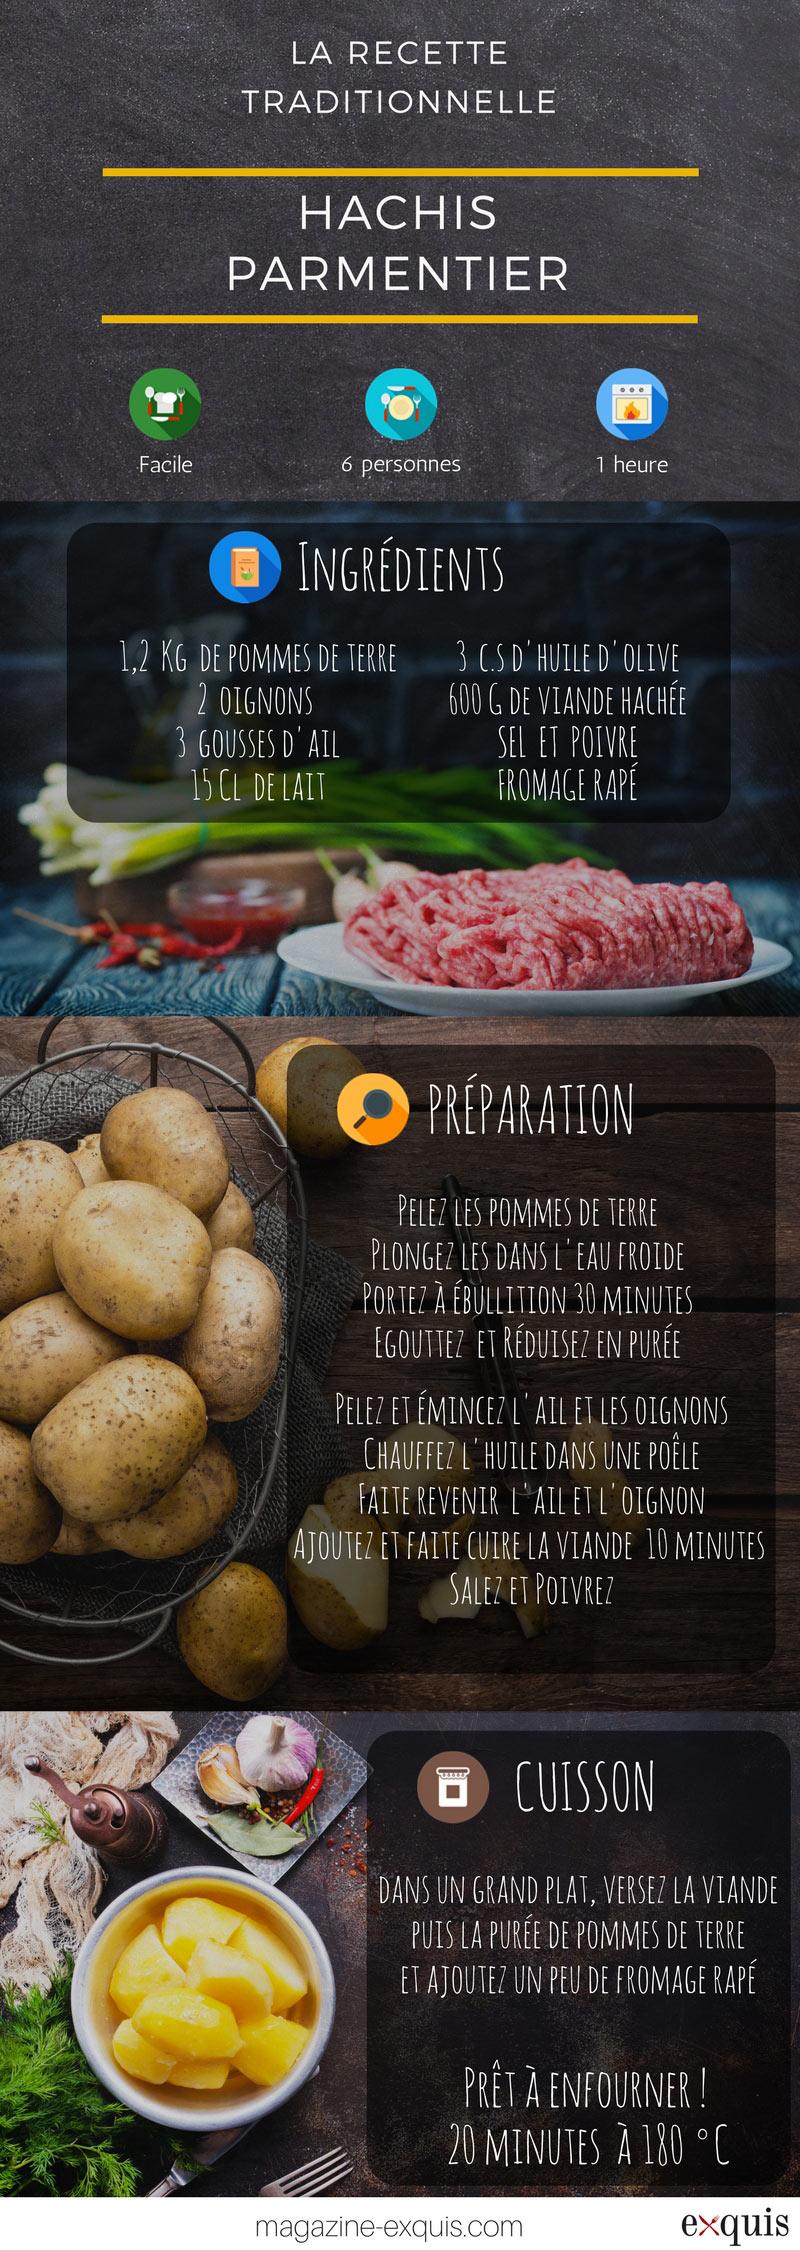 La recette traditionnelle du hachis Parmentier